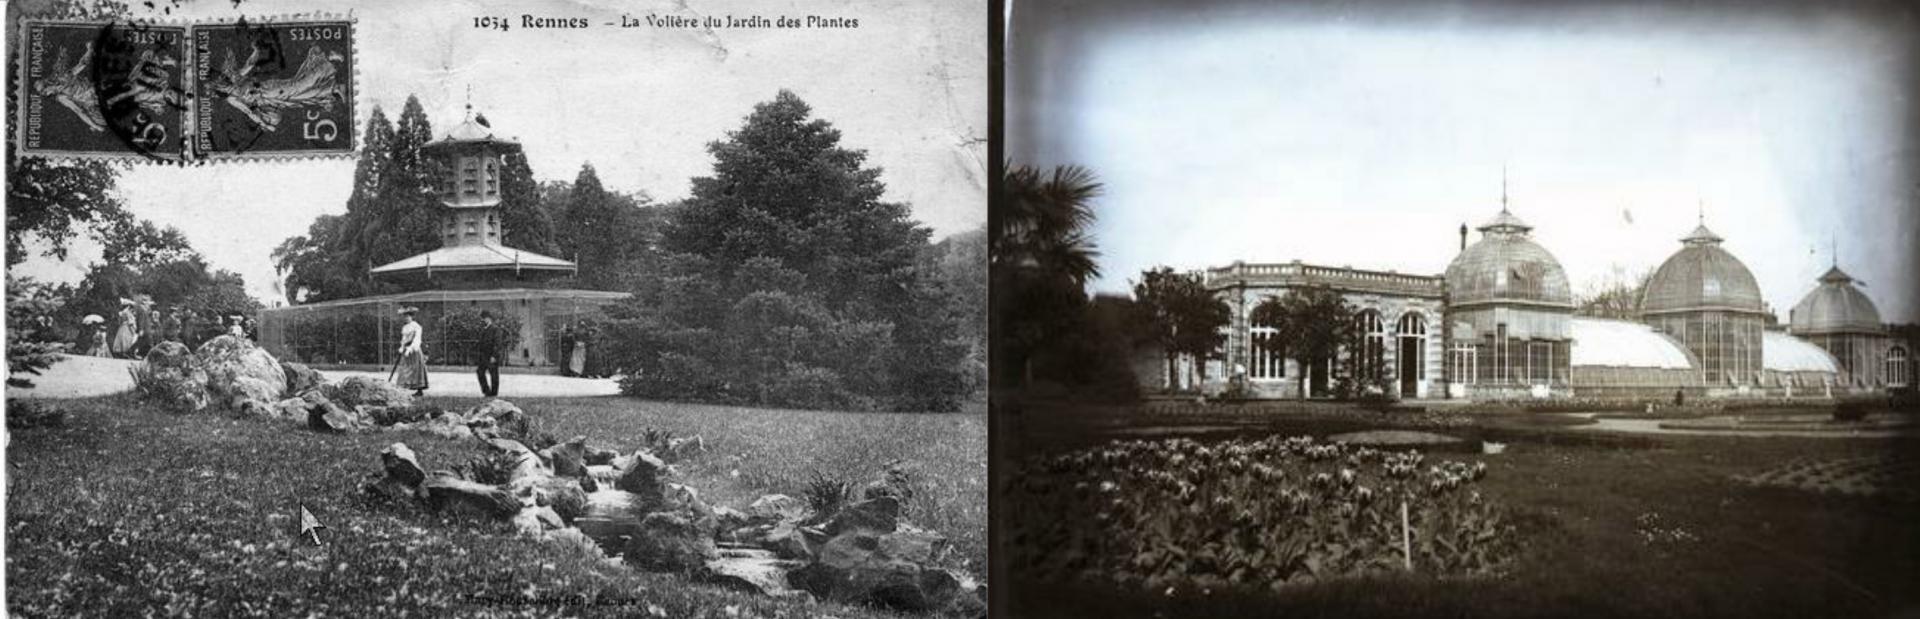 Le Parc du THABOR fête ses 150 ans d'histoire